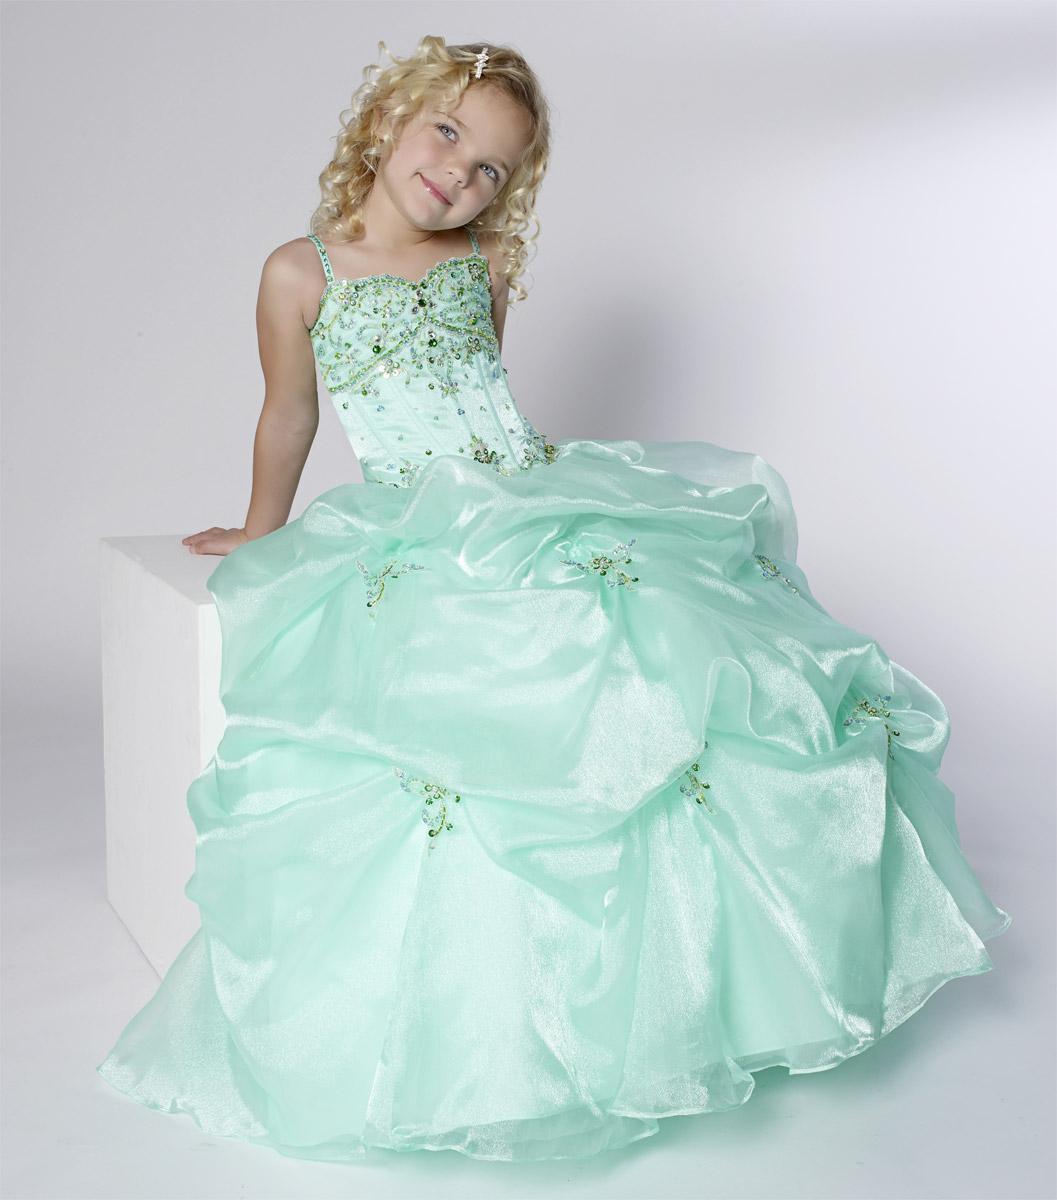 Рождественские Зеленый органзы ремни Бисер Свадебные платья девушки цветка девушки юбки День рождения Pageant платье на заказ размер 2 4 6 8 10 12 F127003